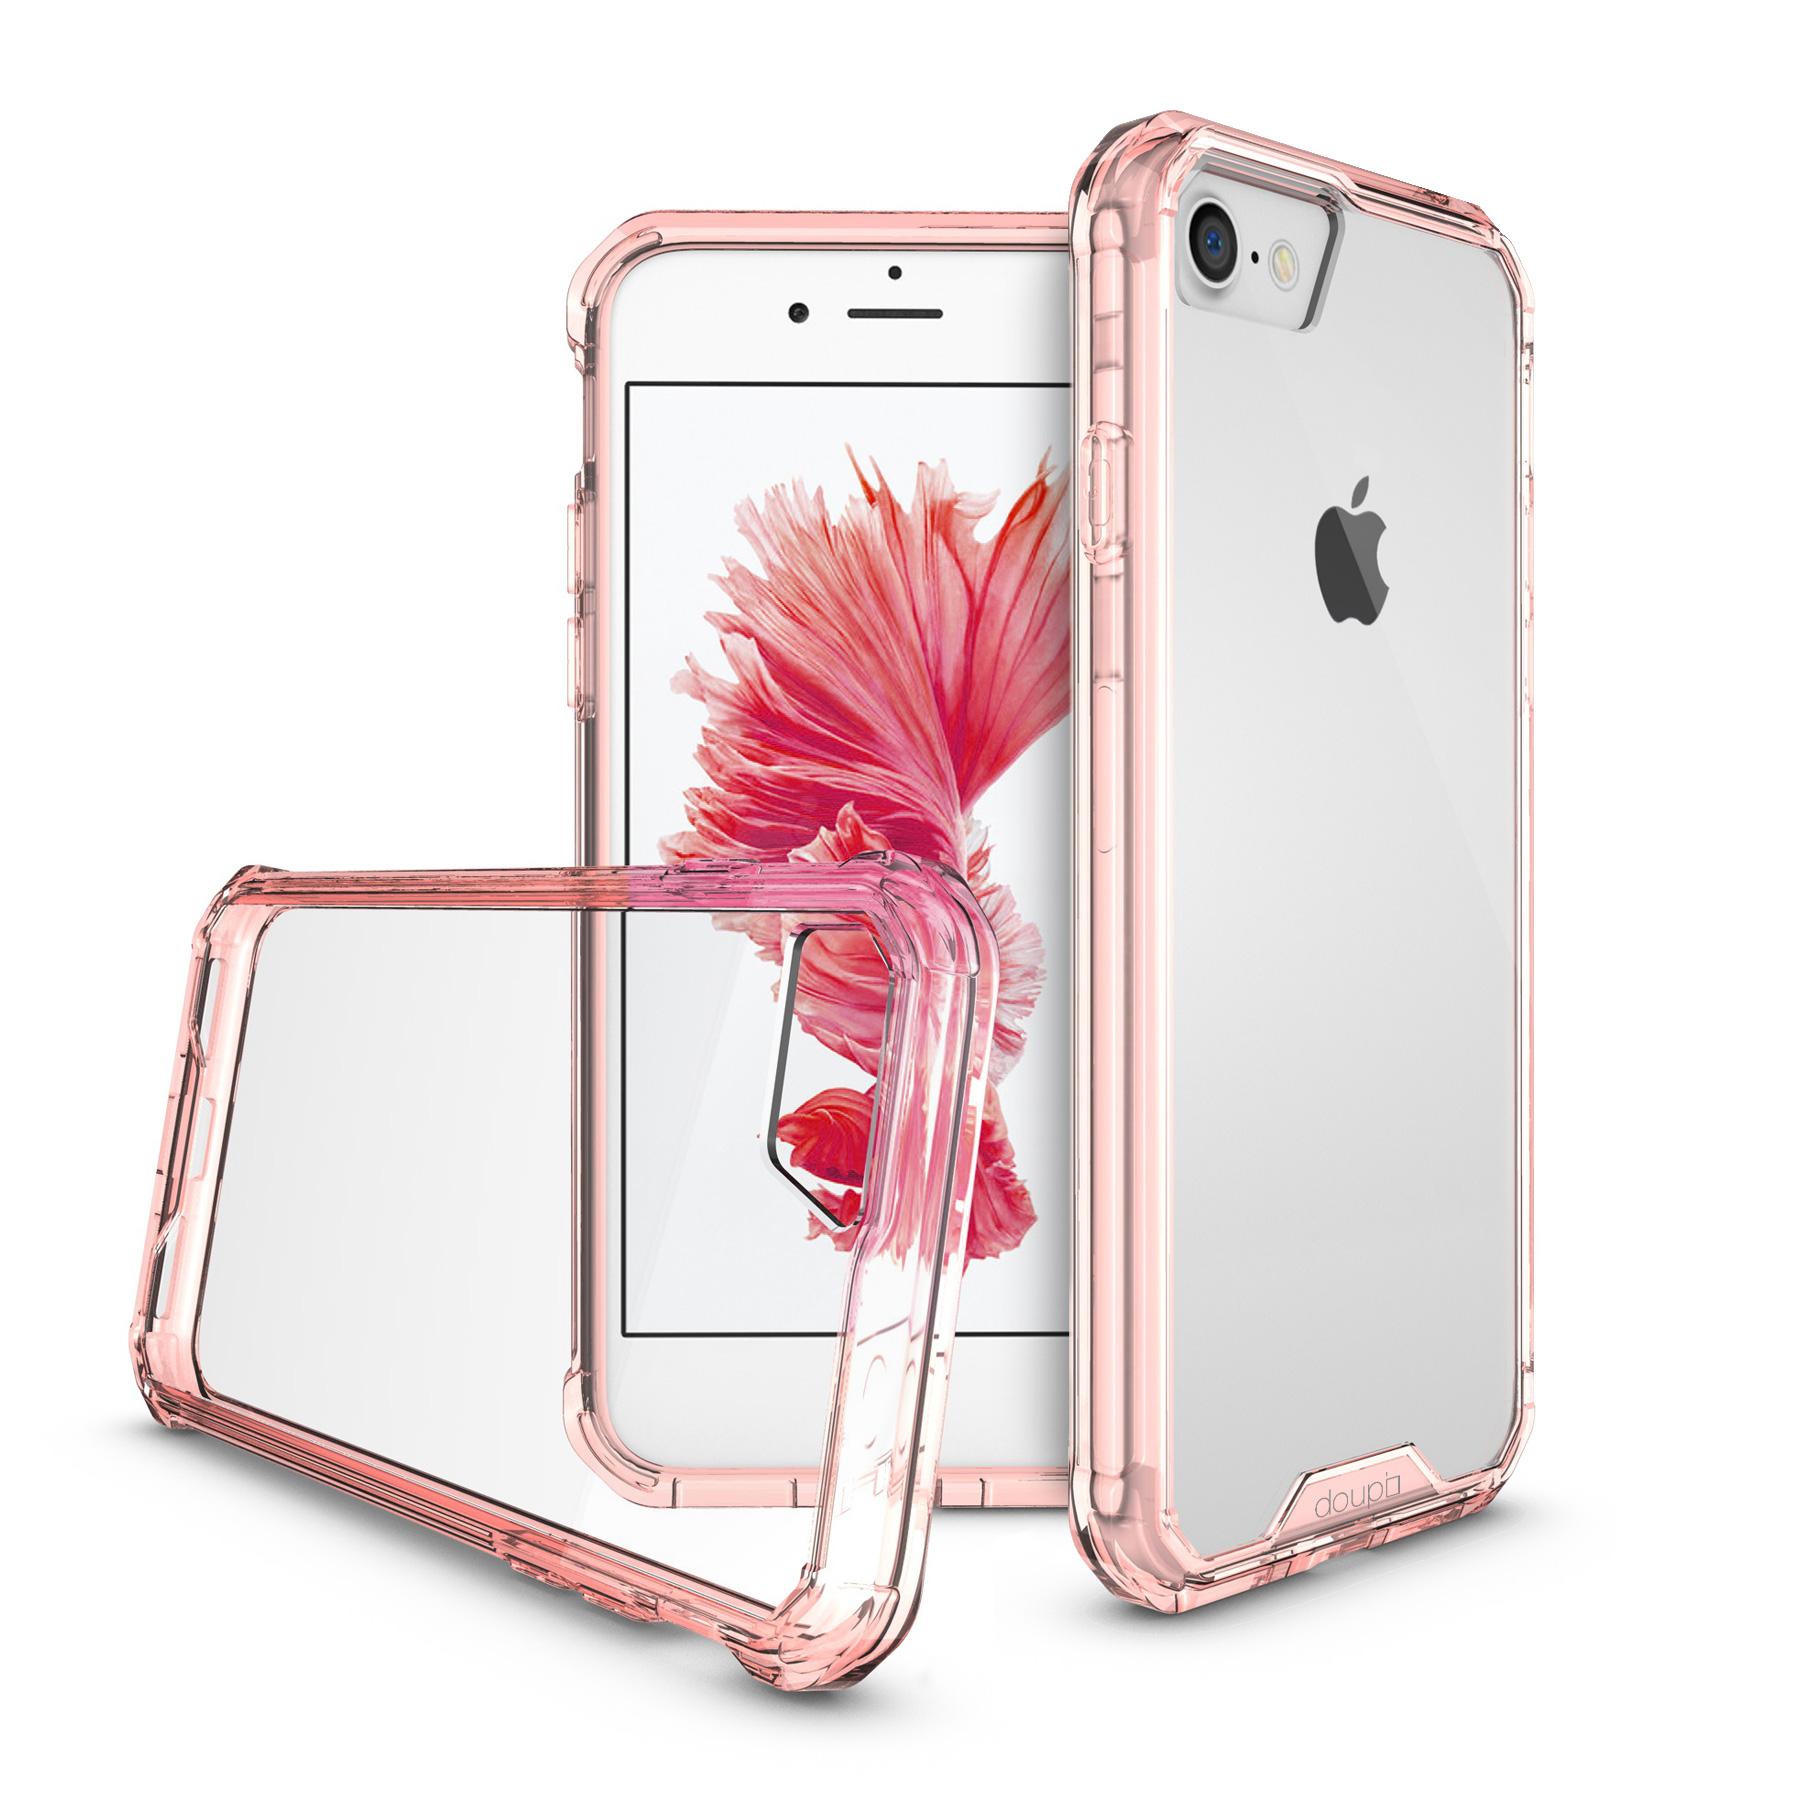 AirClear-Case-iPhone-8-7-4-7-034-Rueckschale-Bumper-Rahmen-Schutz-Huelle-Folie Indexbild 15